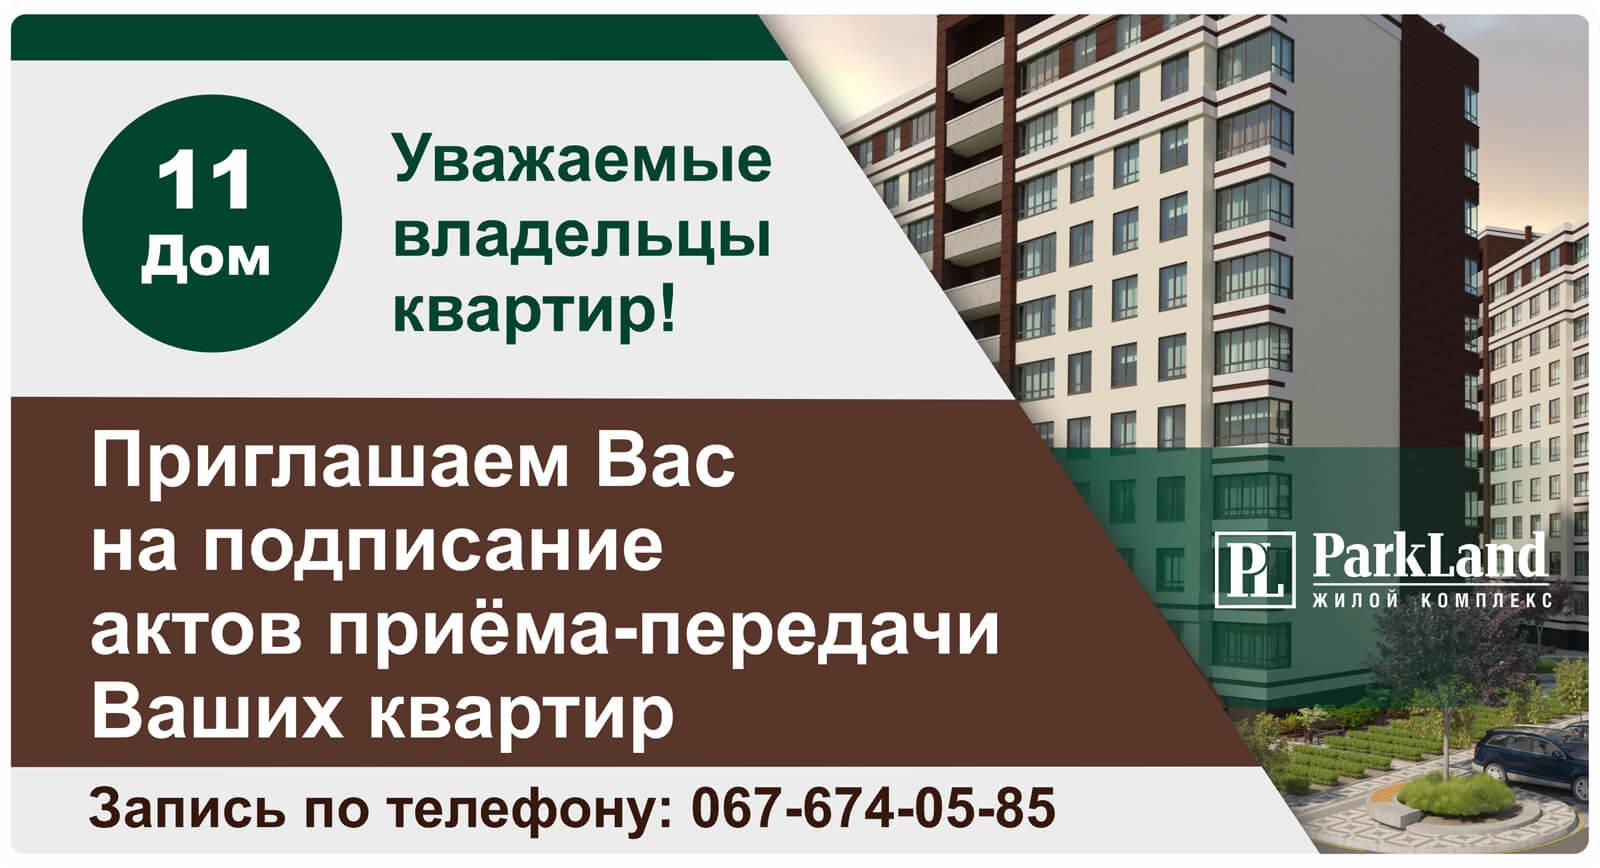 news11dom-0318-ru